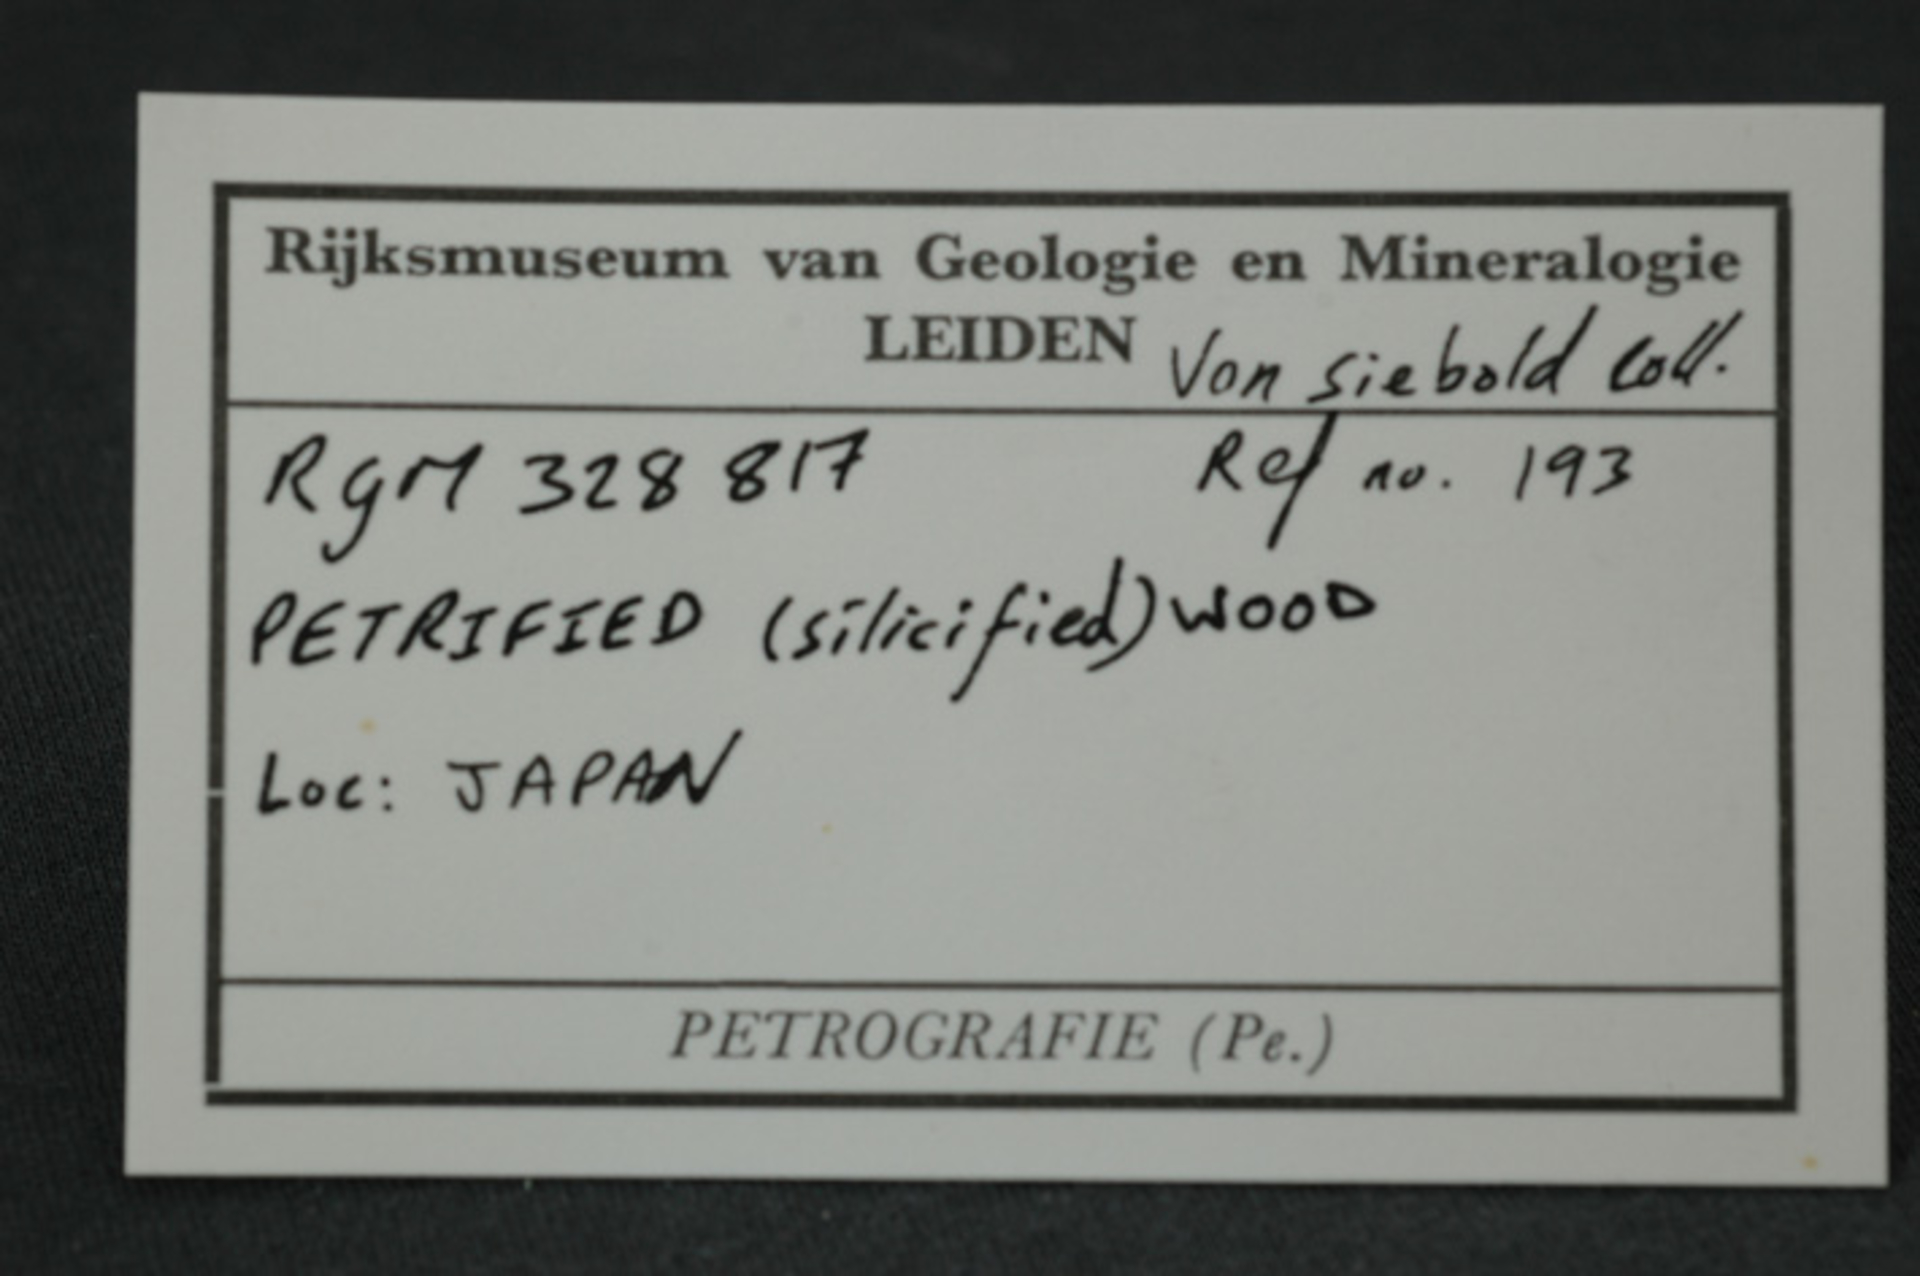 RGM.328817 | PETRIFIED (SILICIFIED) WOOD